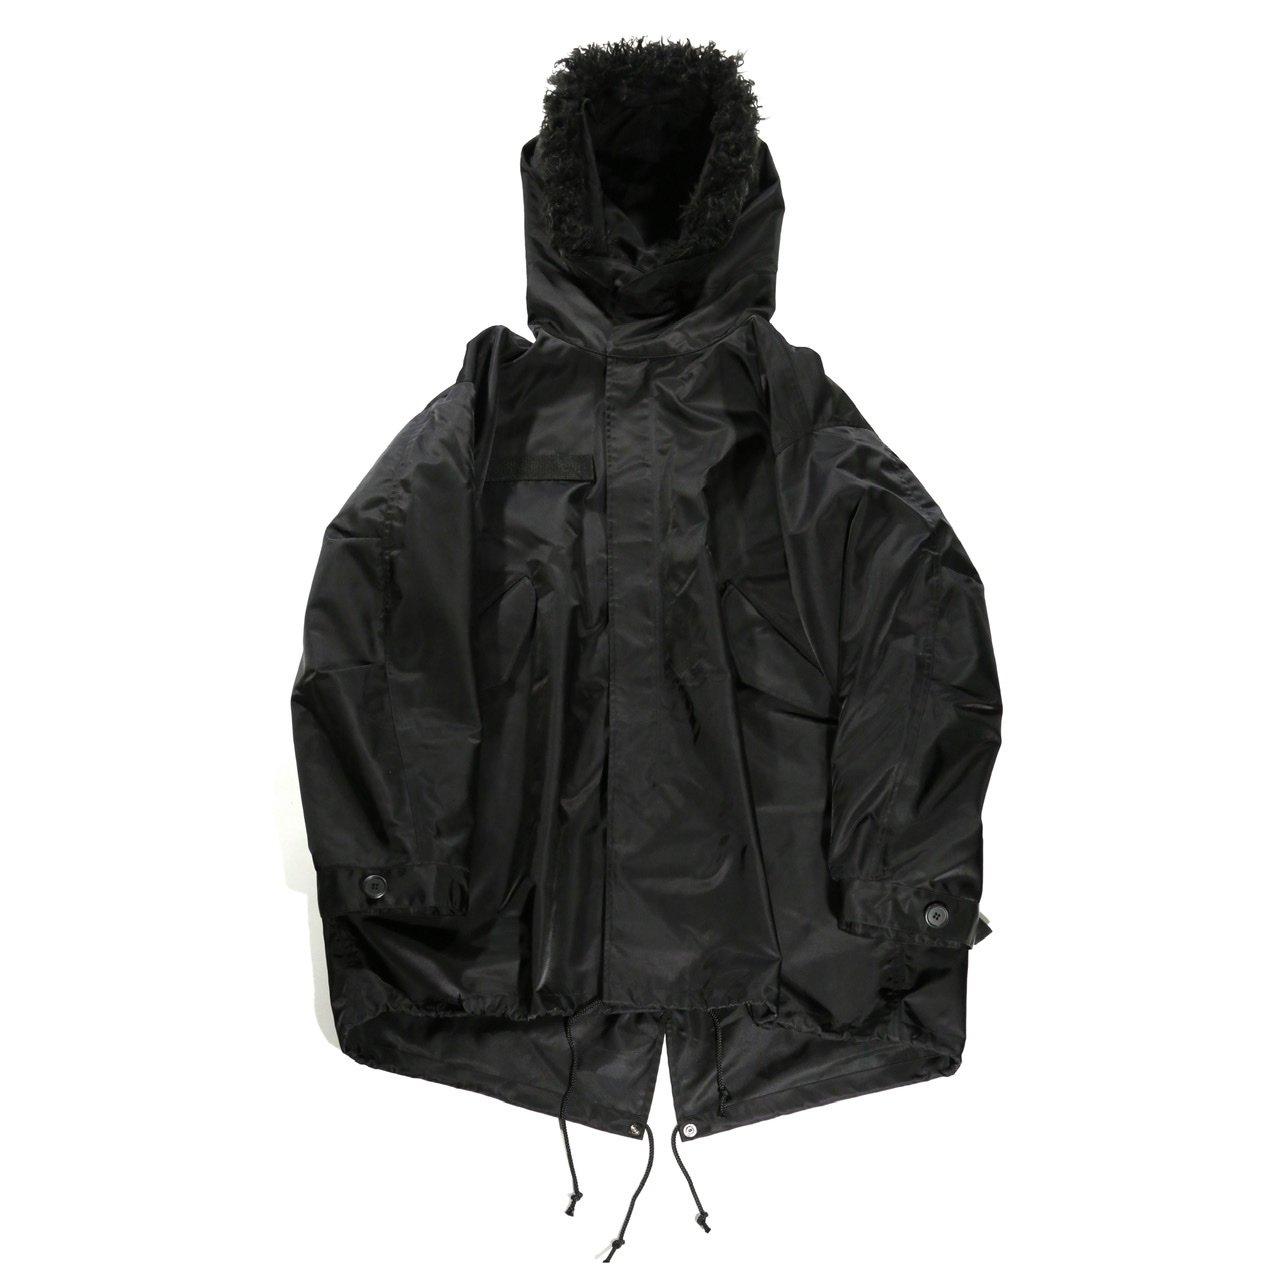 M-65 type Oversized military coat (受注商品)